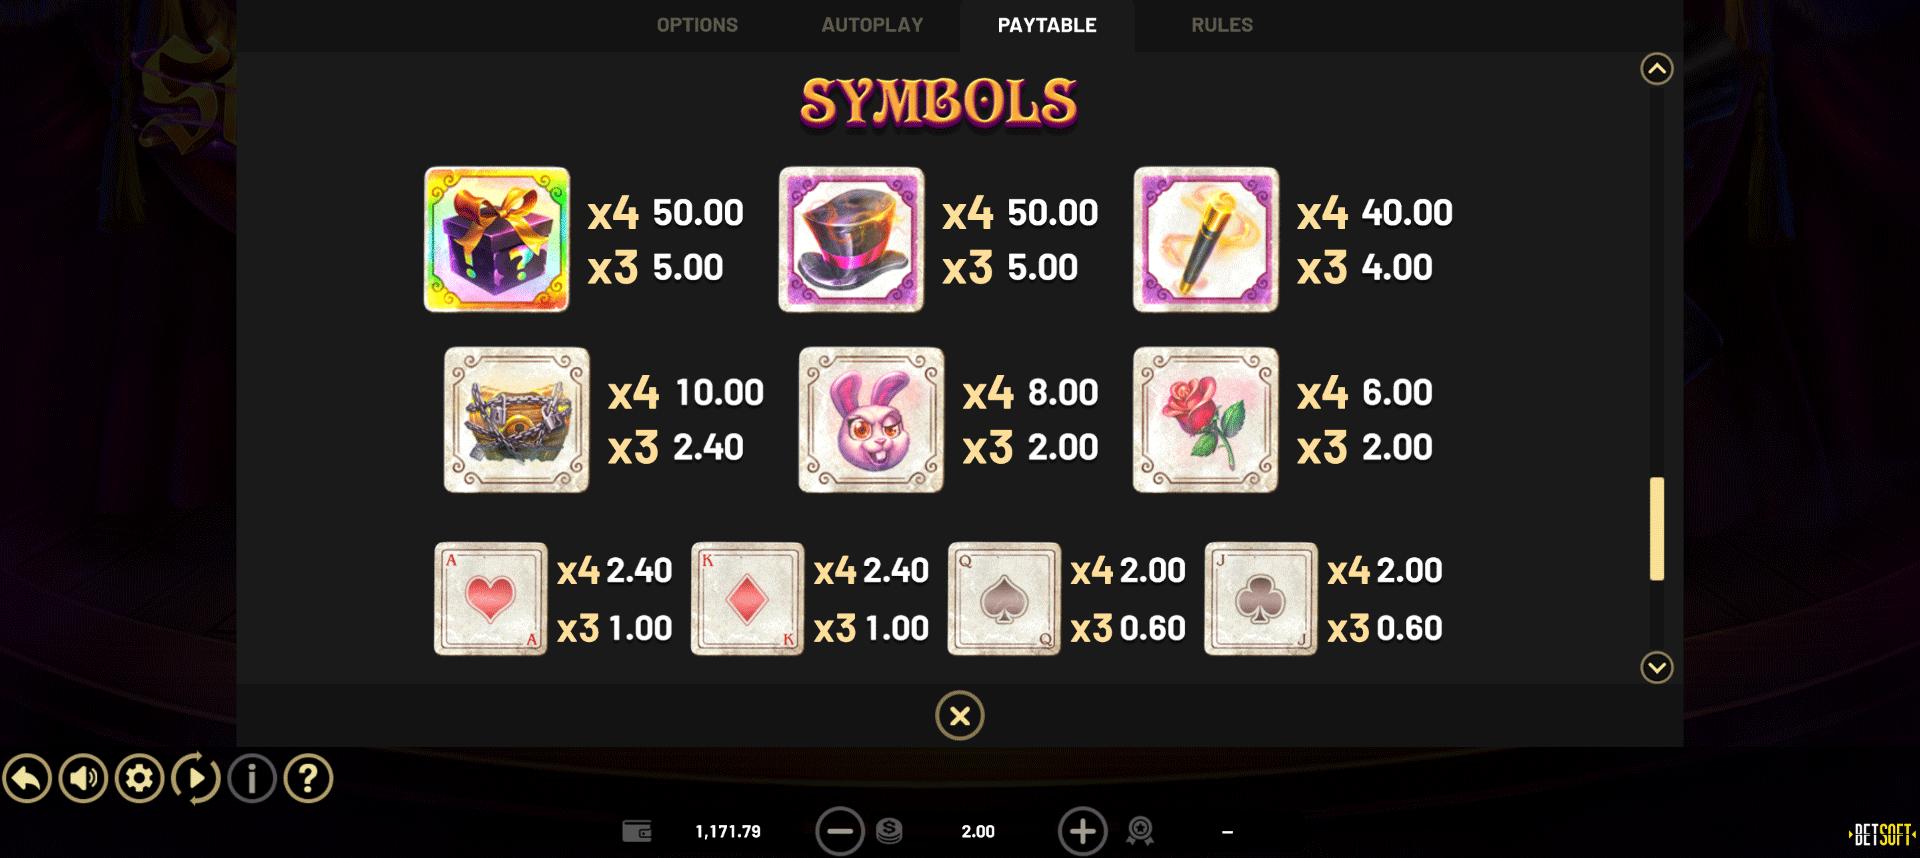 tabella dei pagamenti della slot machine stacked